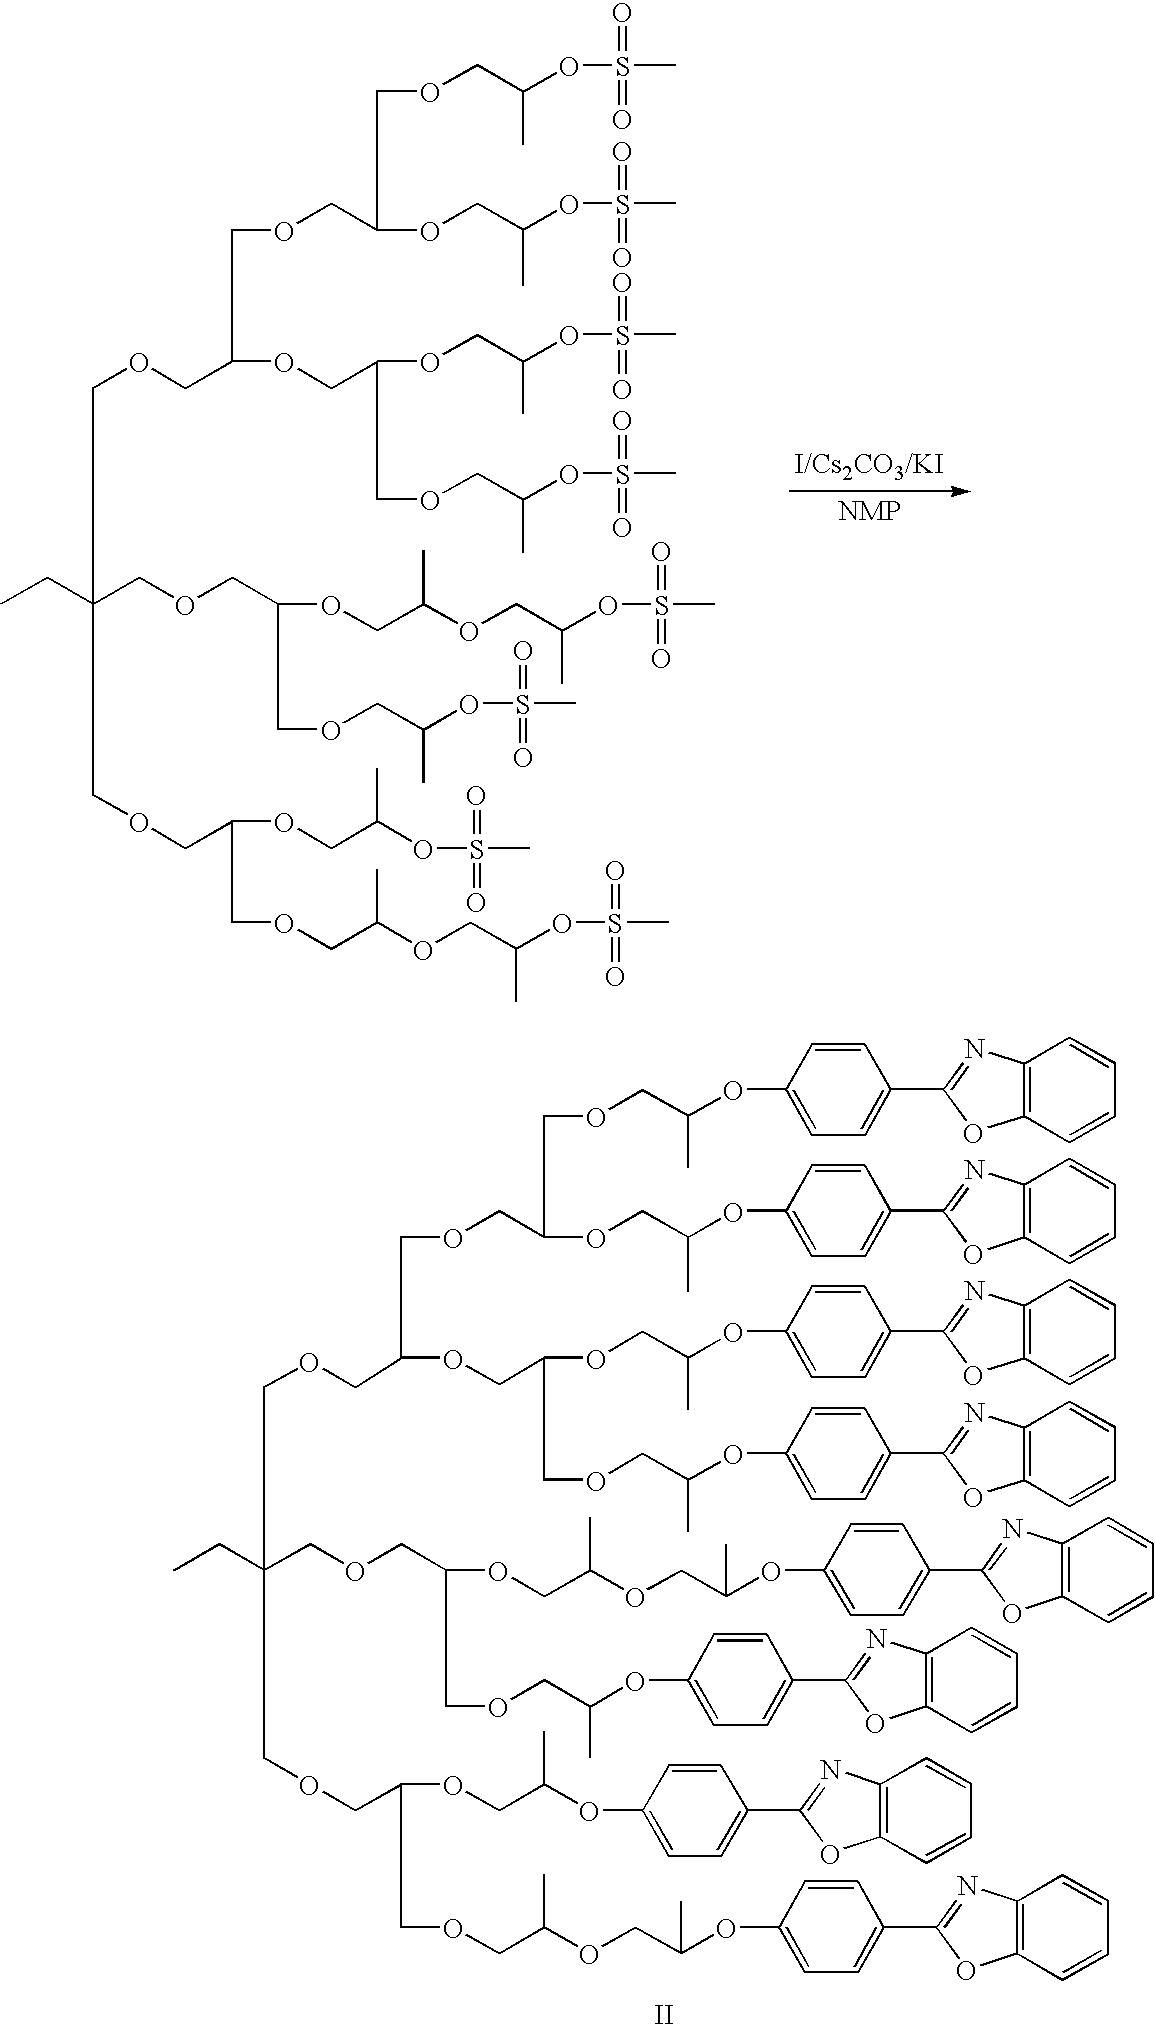 Figure US07988953-20110802-C00020